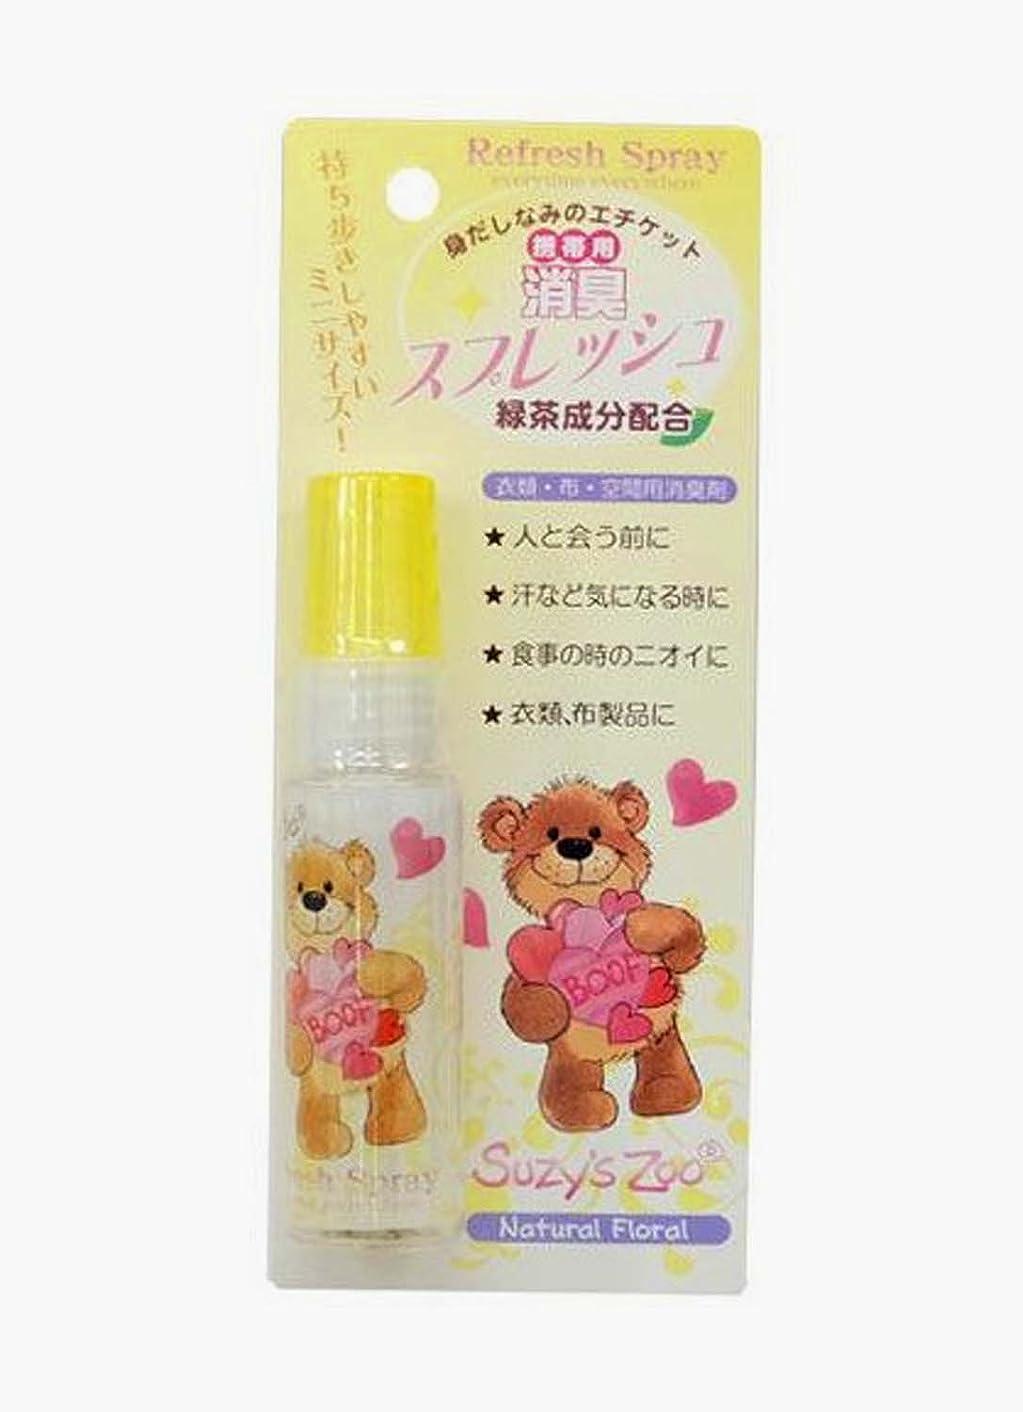 不正固執大学生キャラクター携帯用スプレッシュ (Suzy'sZoo(ナチュラルフローラルの香り))